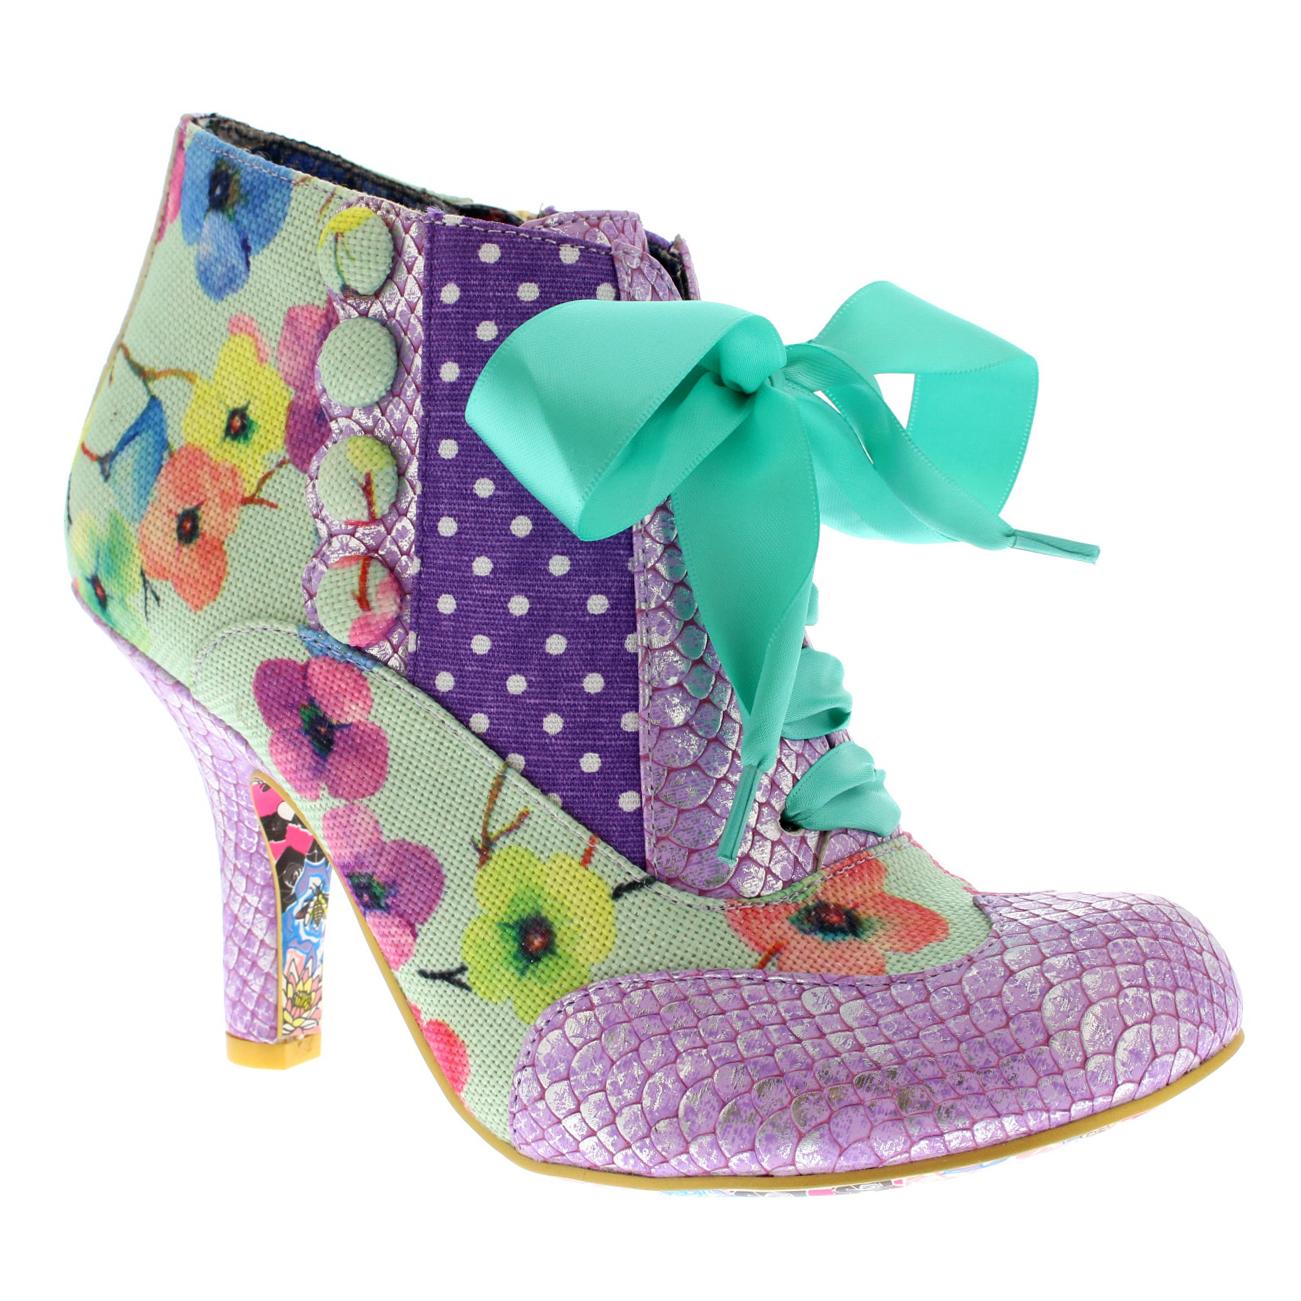 damen Irregular Choice Blair Elfglow Floral Court schuhe Mid Heels Heels Heels US 5.5-11 f10763